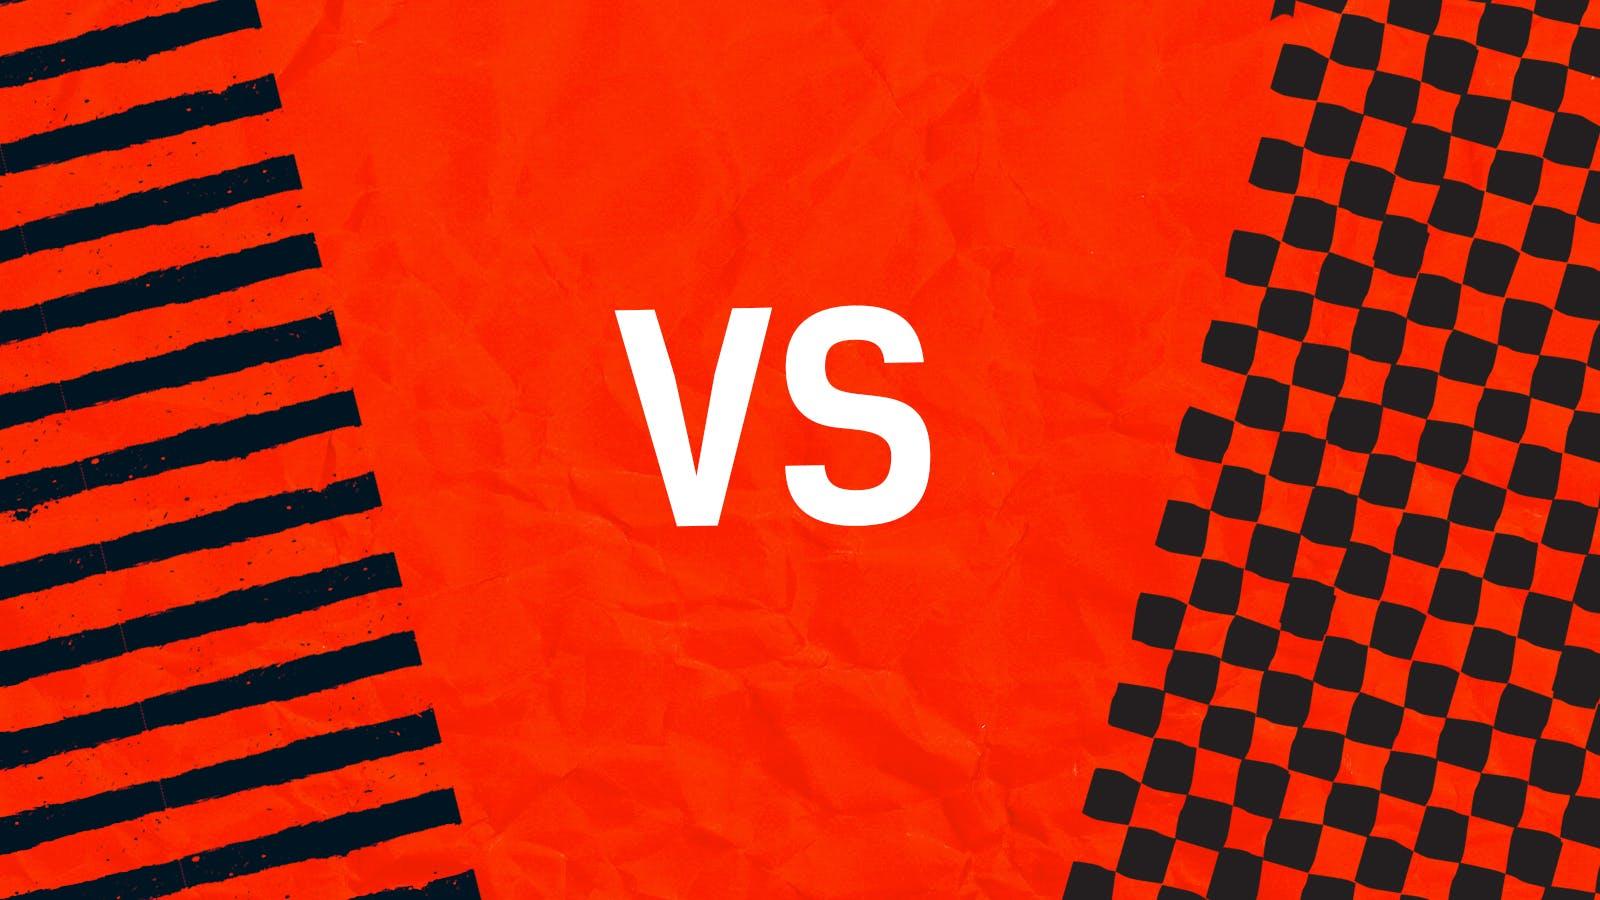 Stripes versus Squares